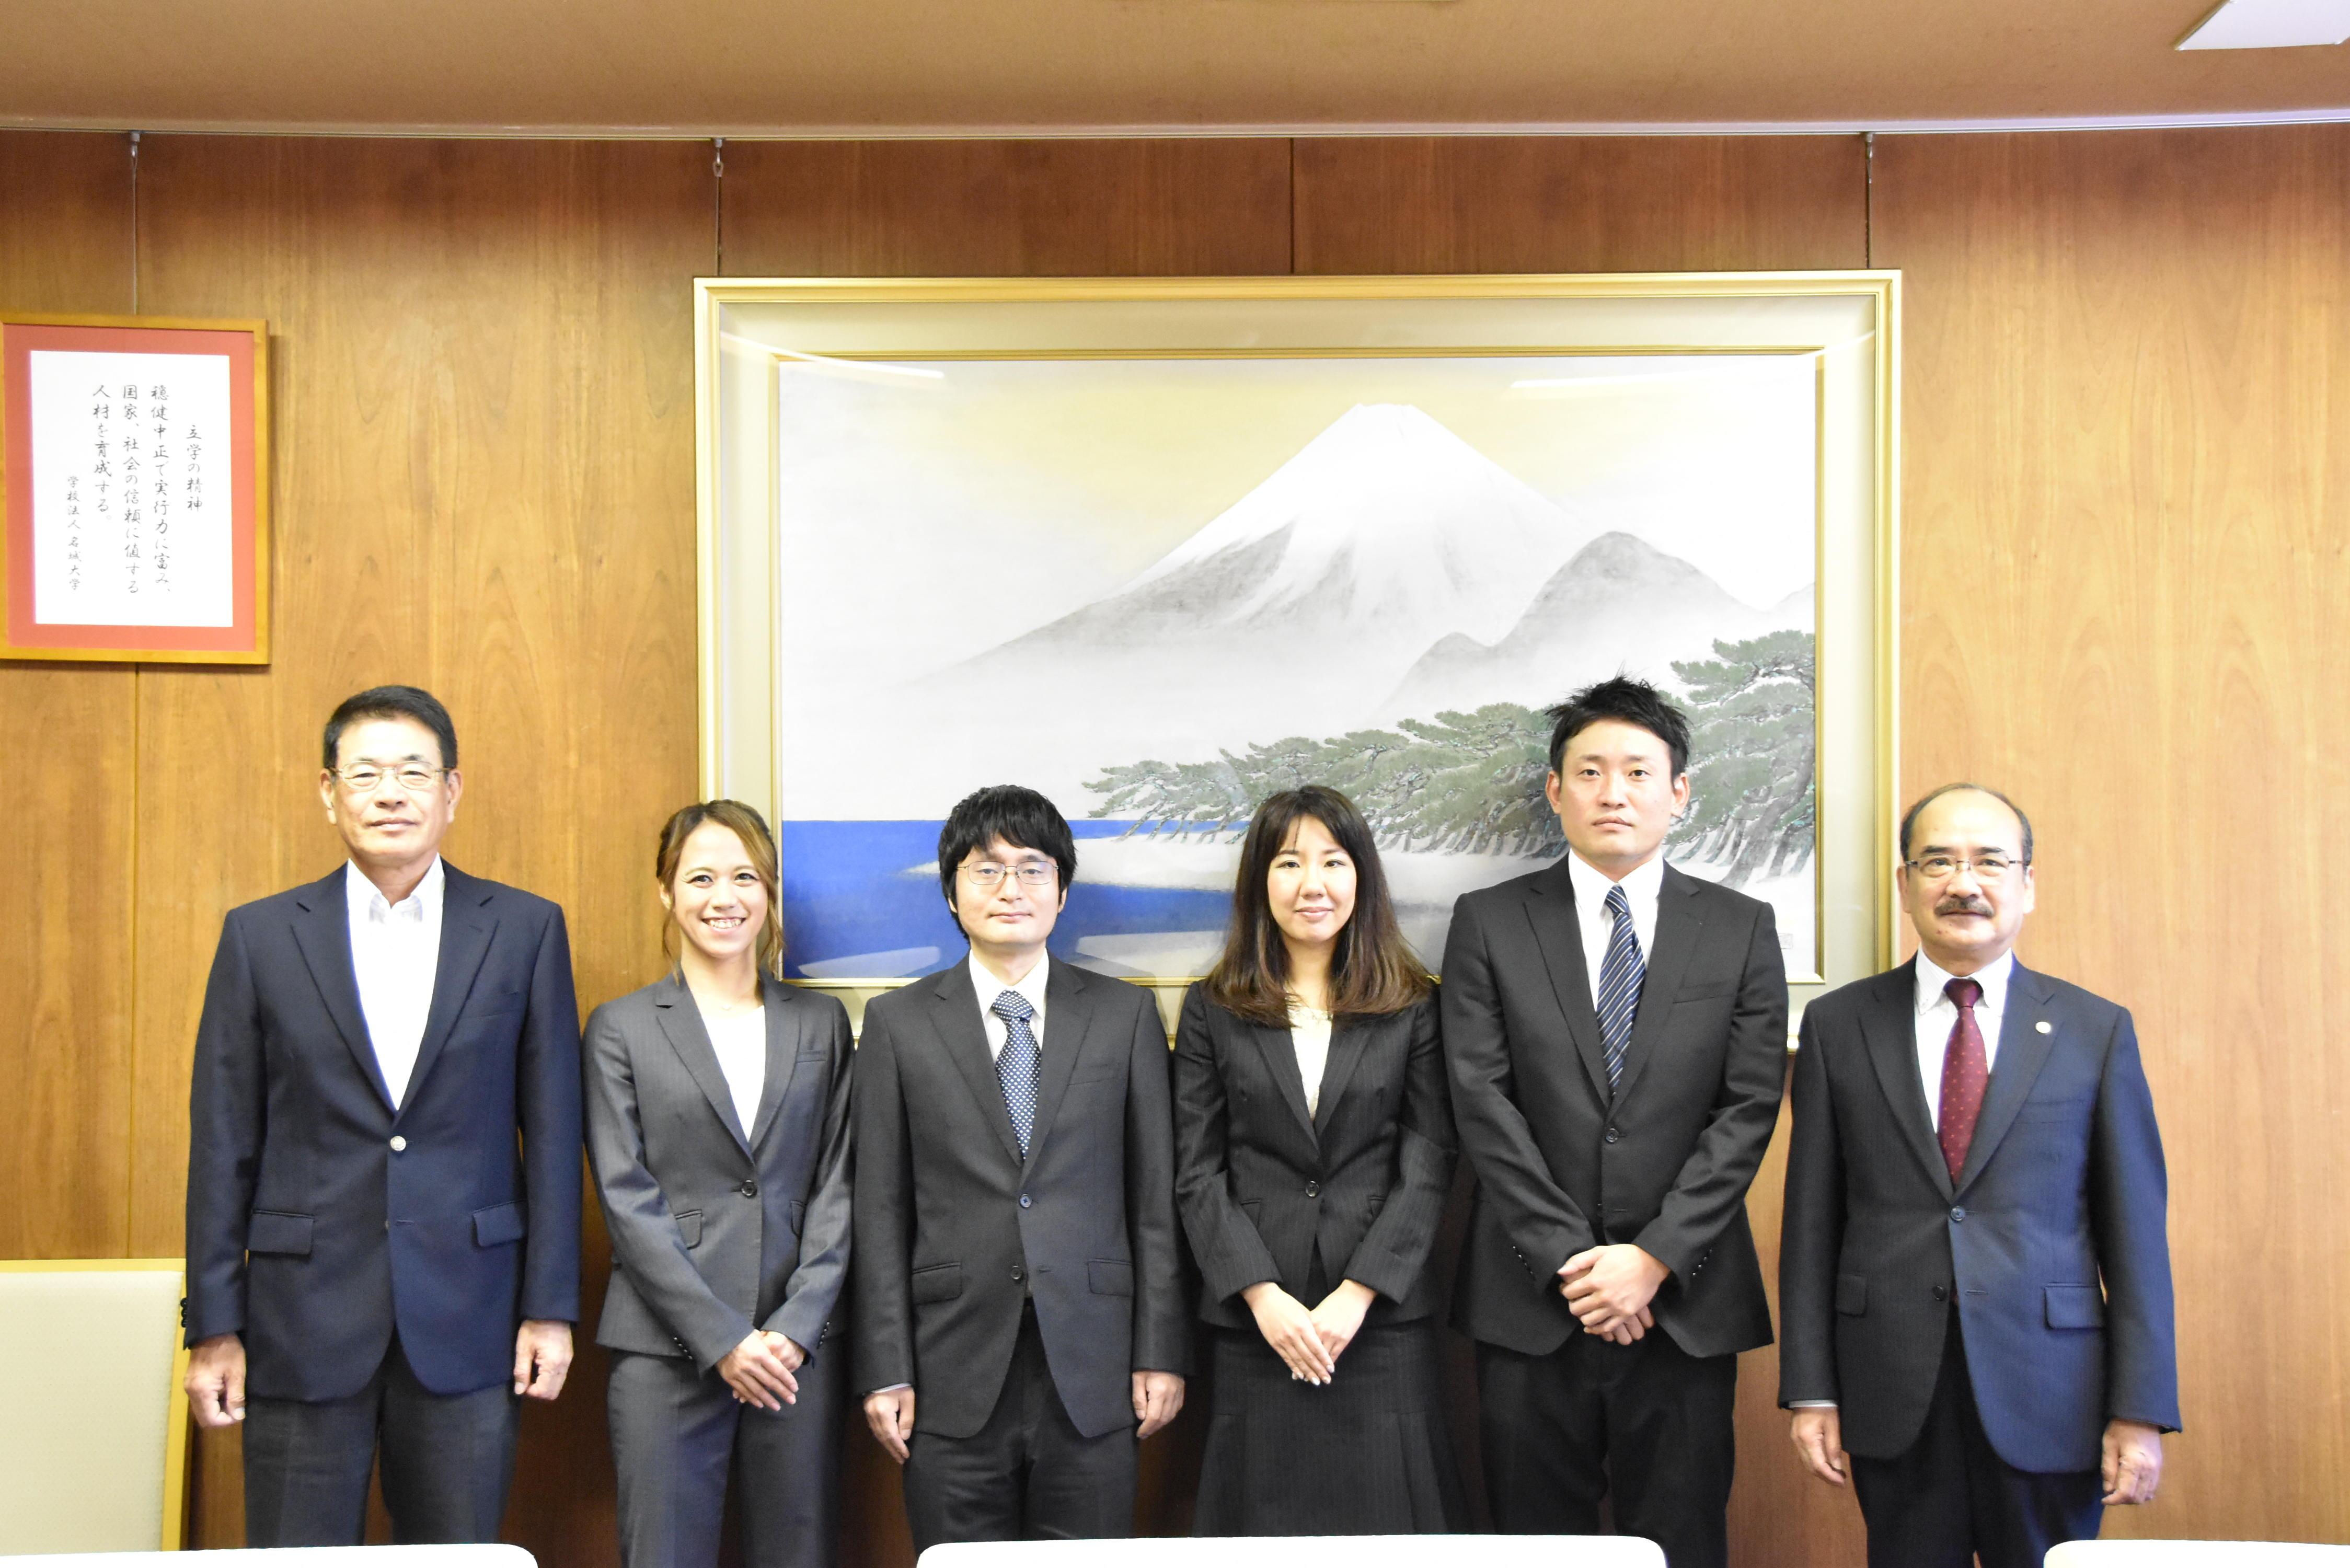 (右から)吉久学長、石津さん、杉野さん、城所さん、髙嶋さん、日比野法務研究科長